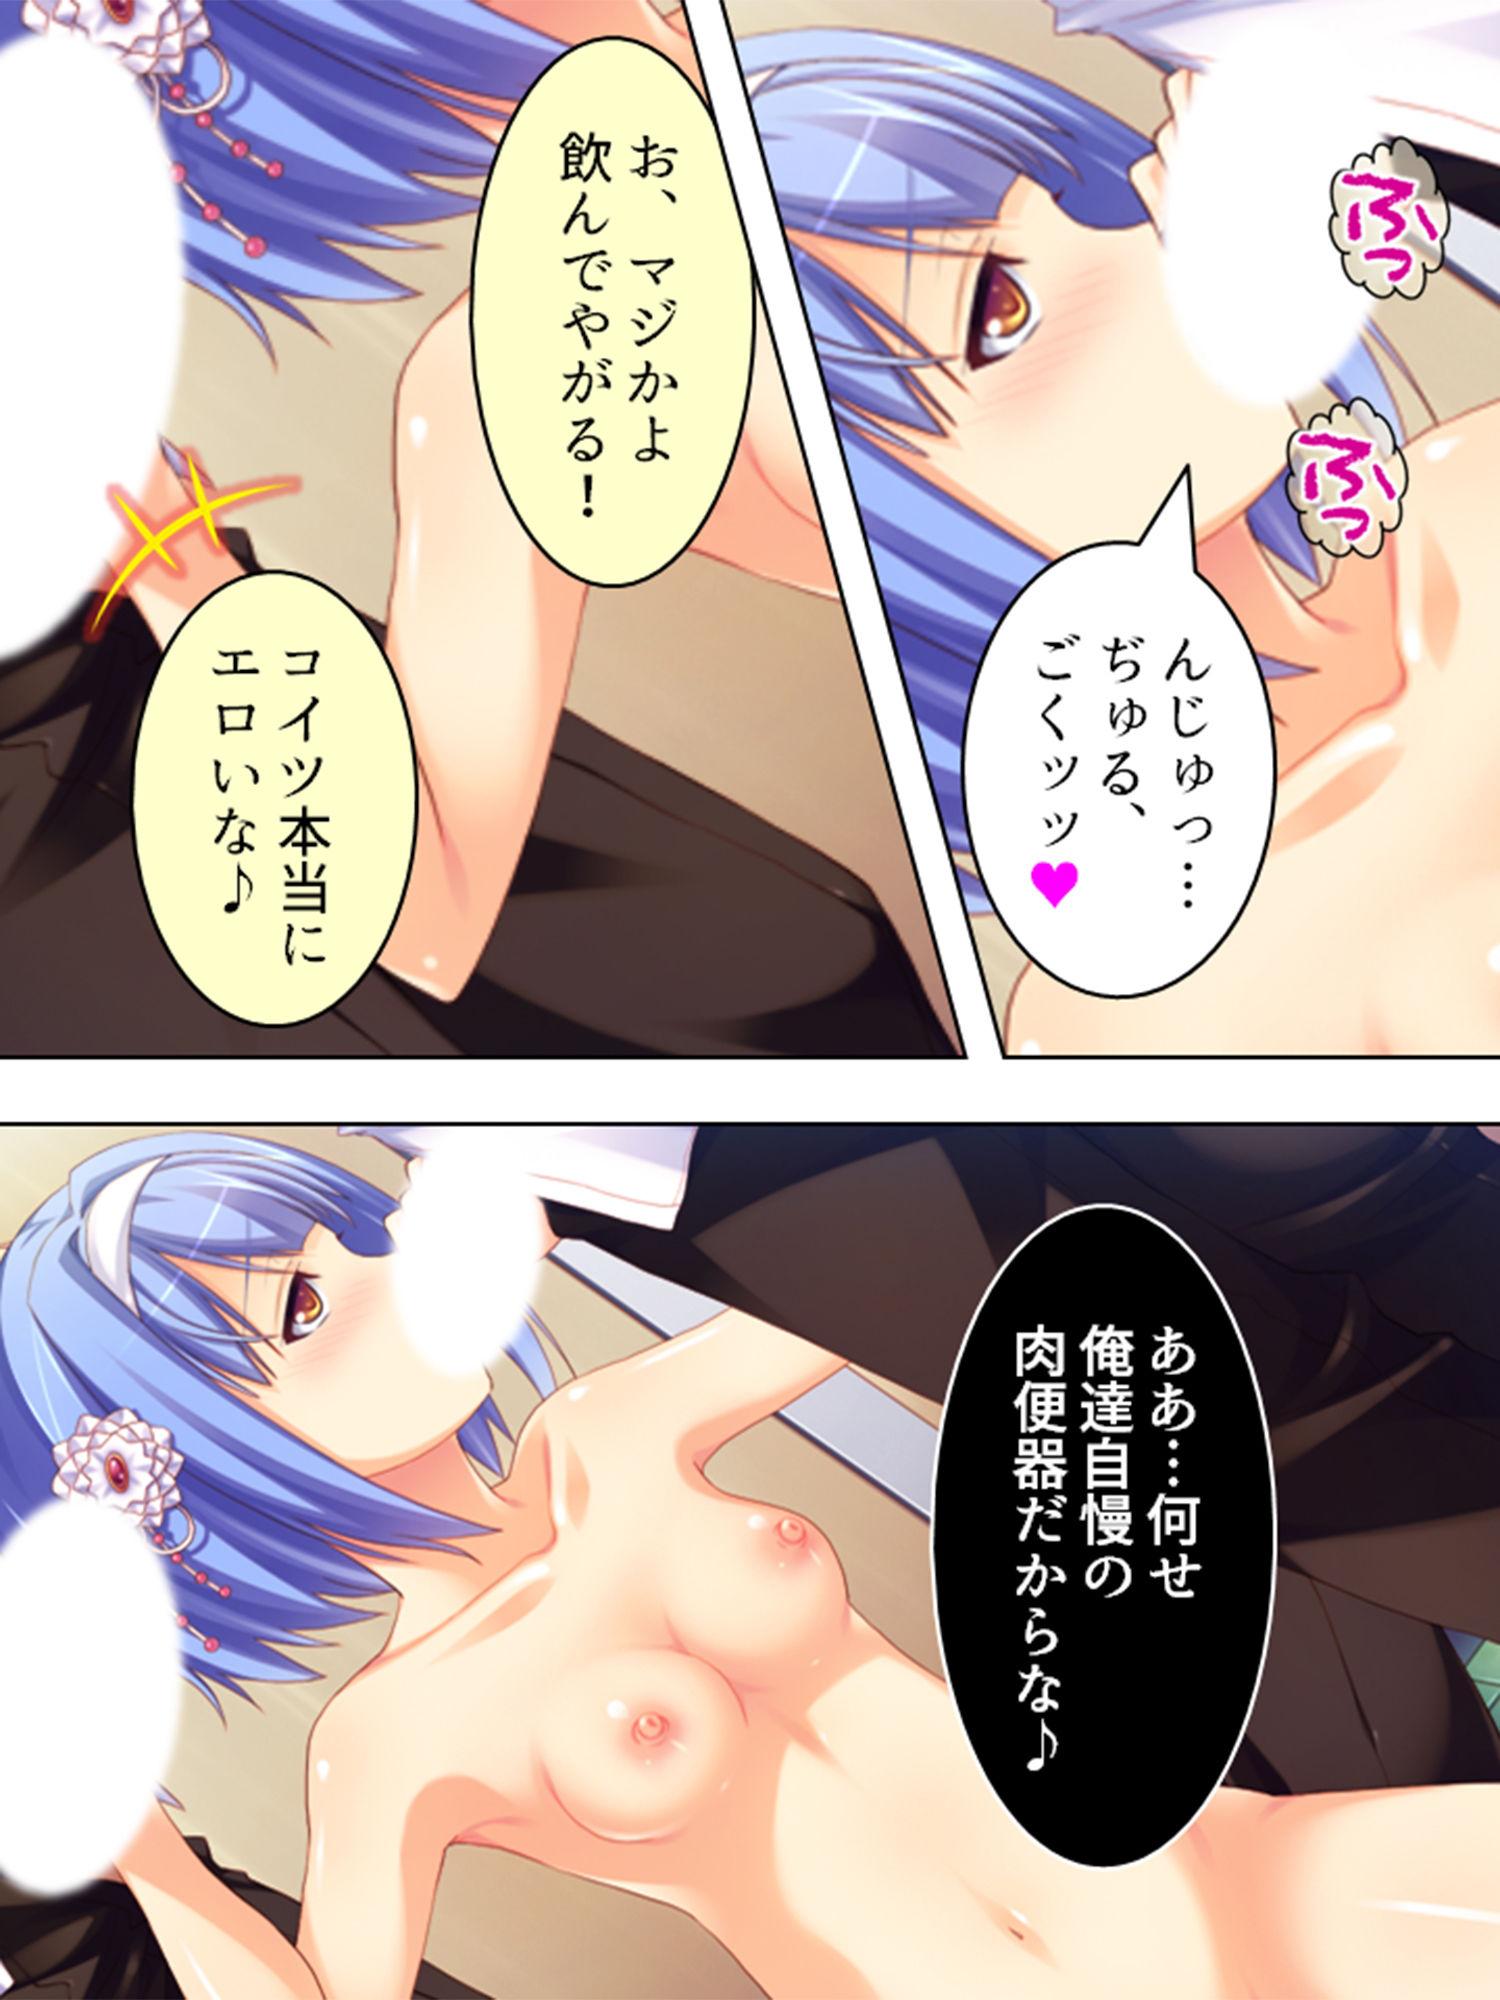 学校の男子トイレに…サセ子さん、現る! 中